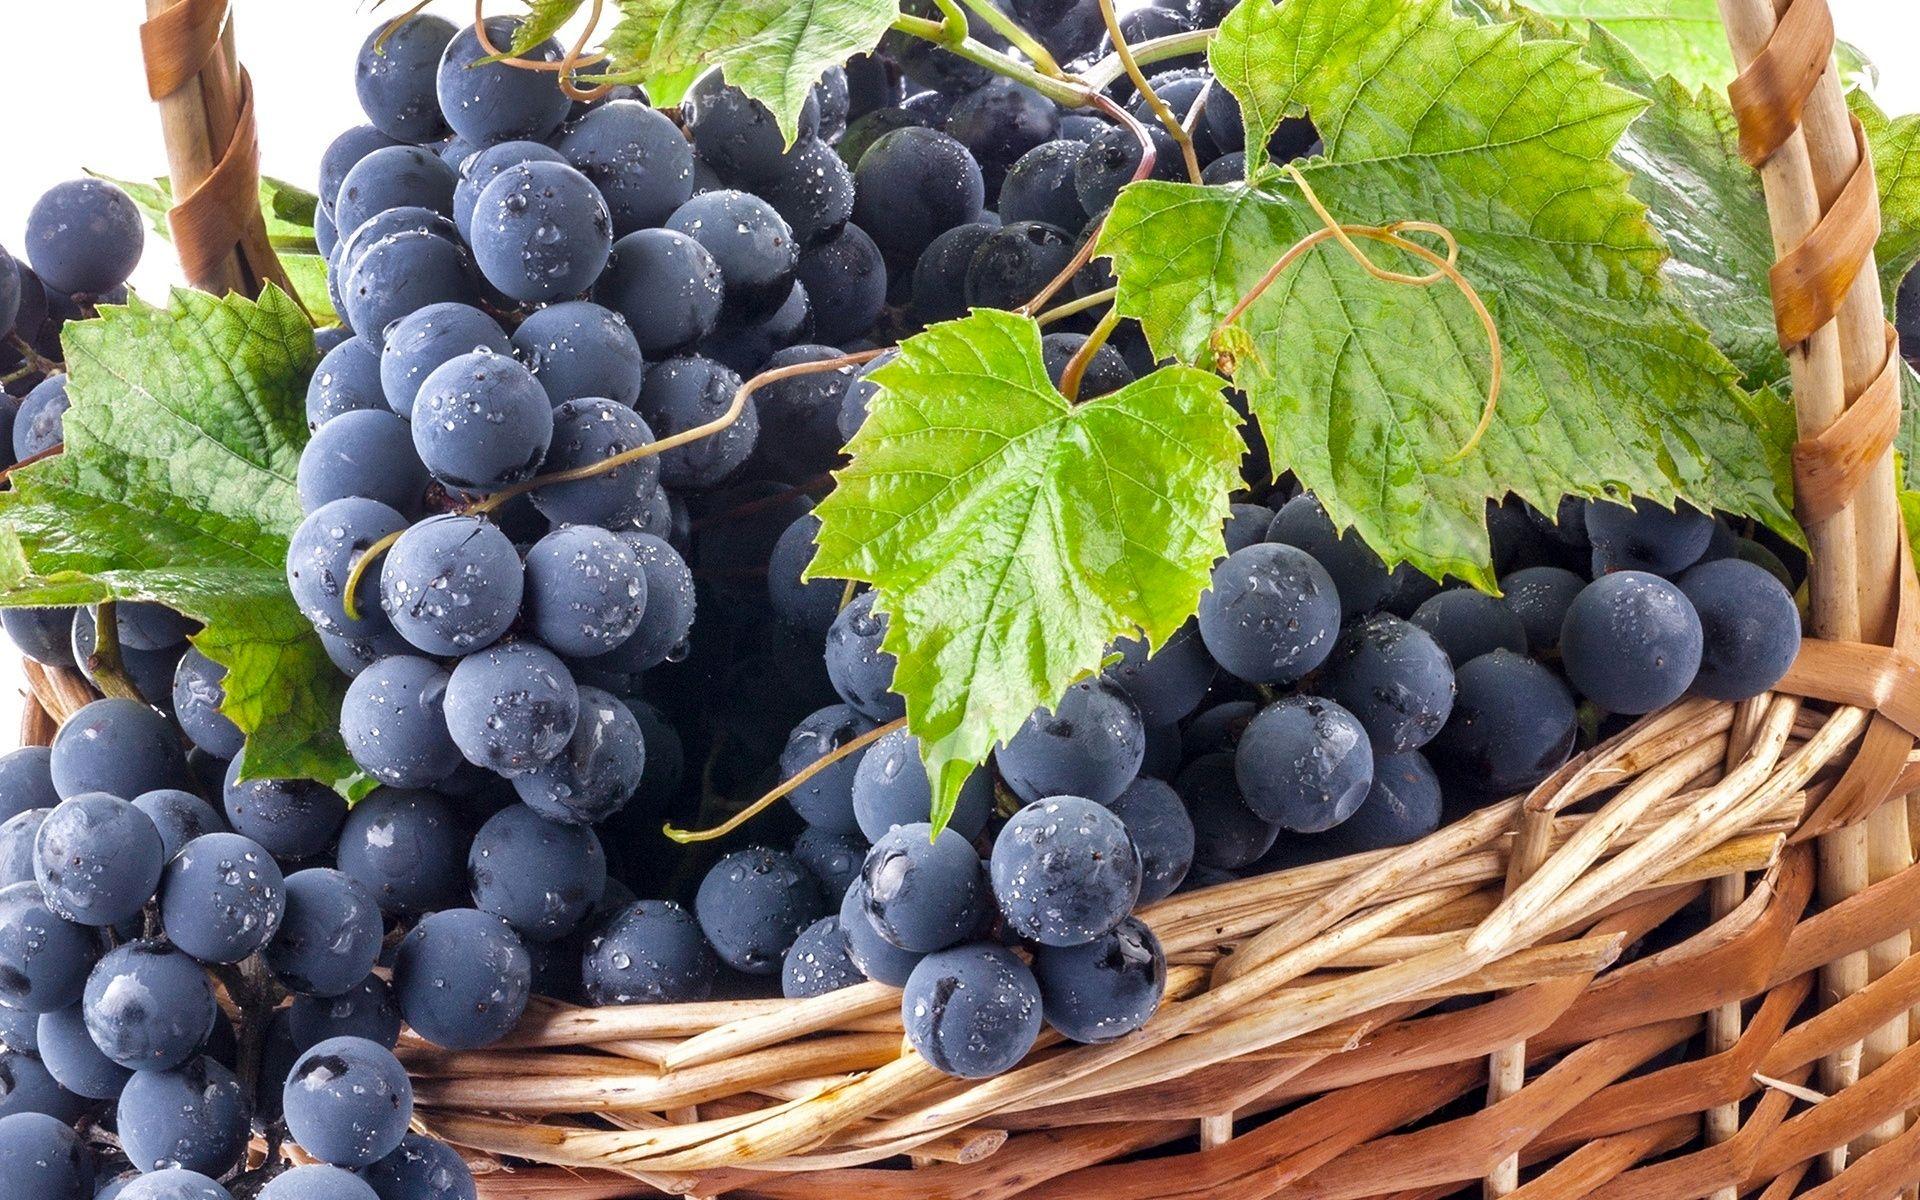 قیمت کنسانتره انگور سیاه